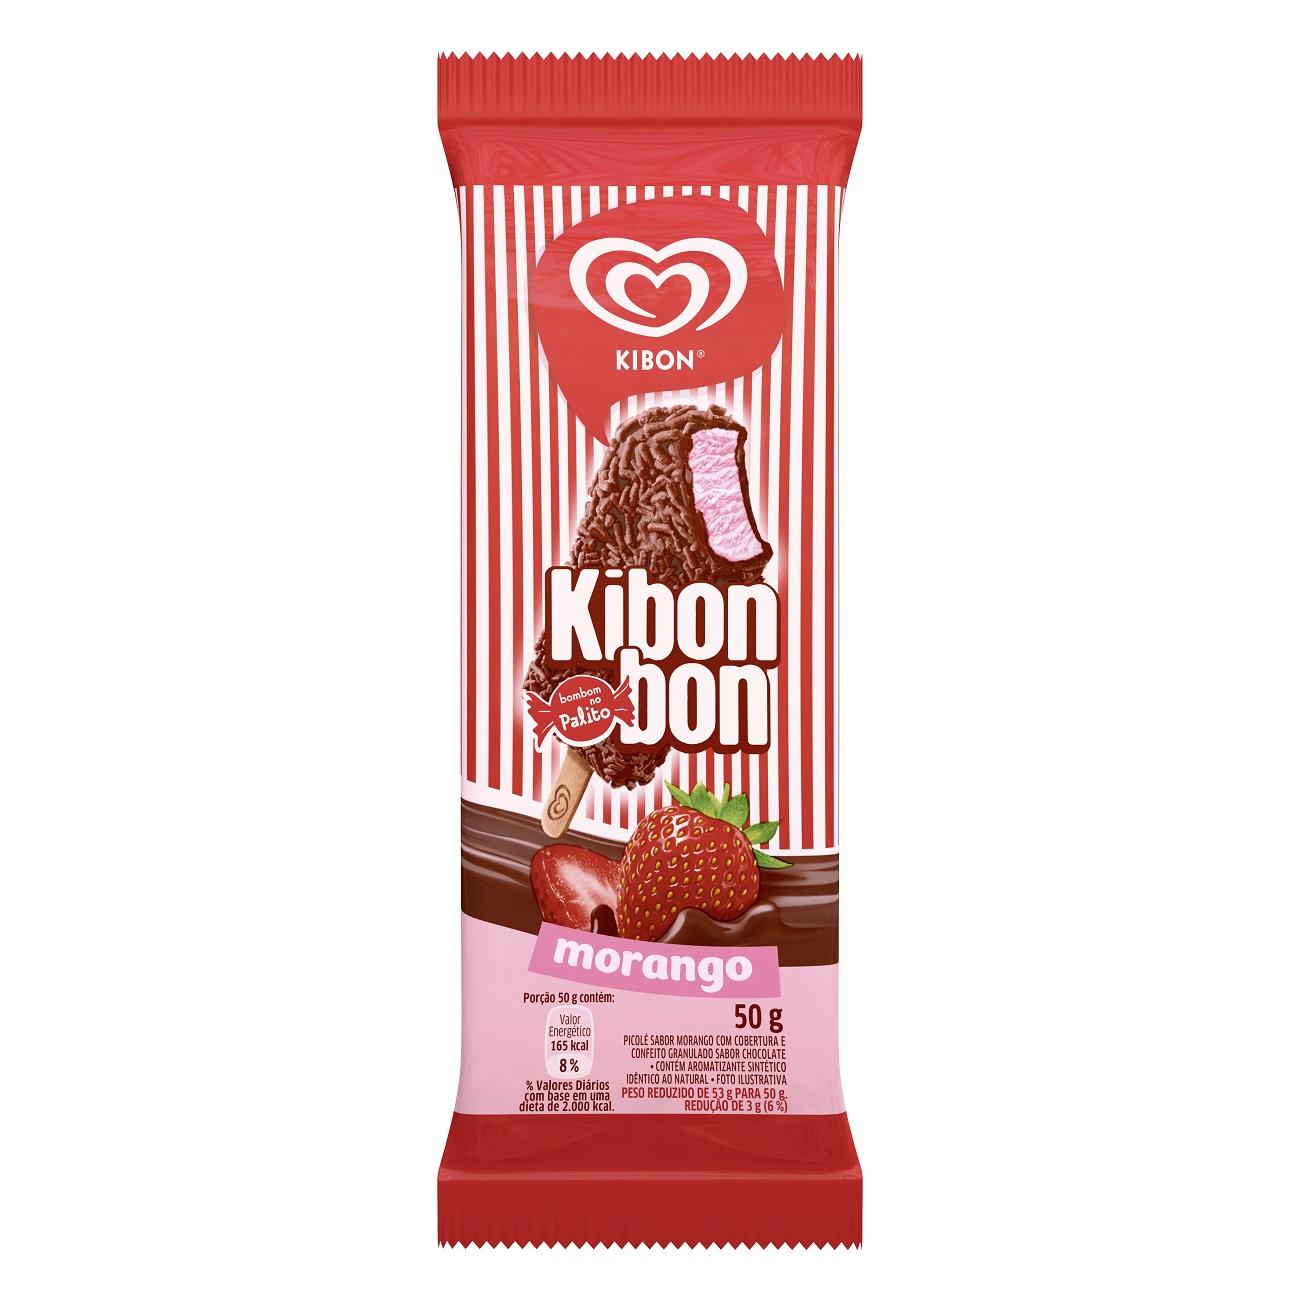 Sorvete Kibon Palito Kibonbon Morango 77ML l Caixa com 20